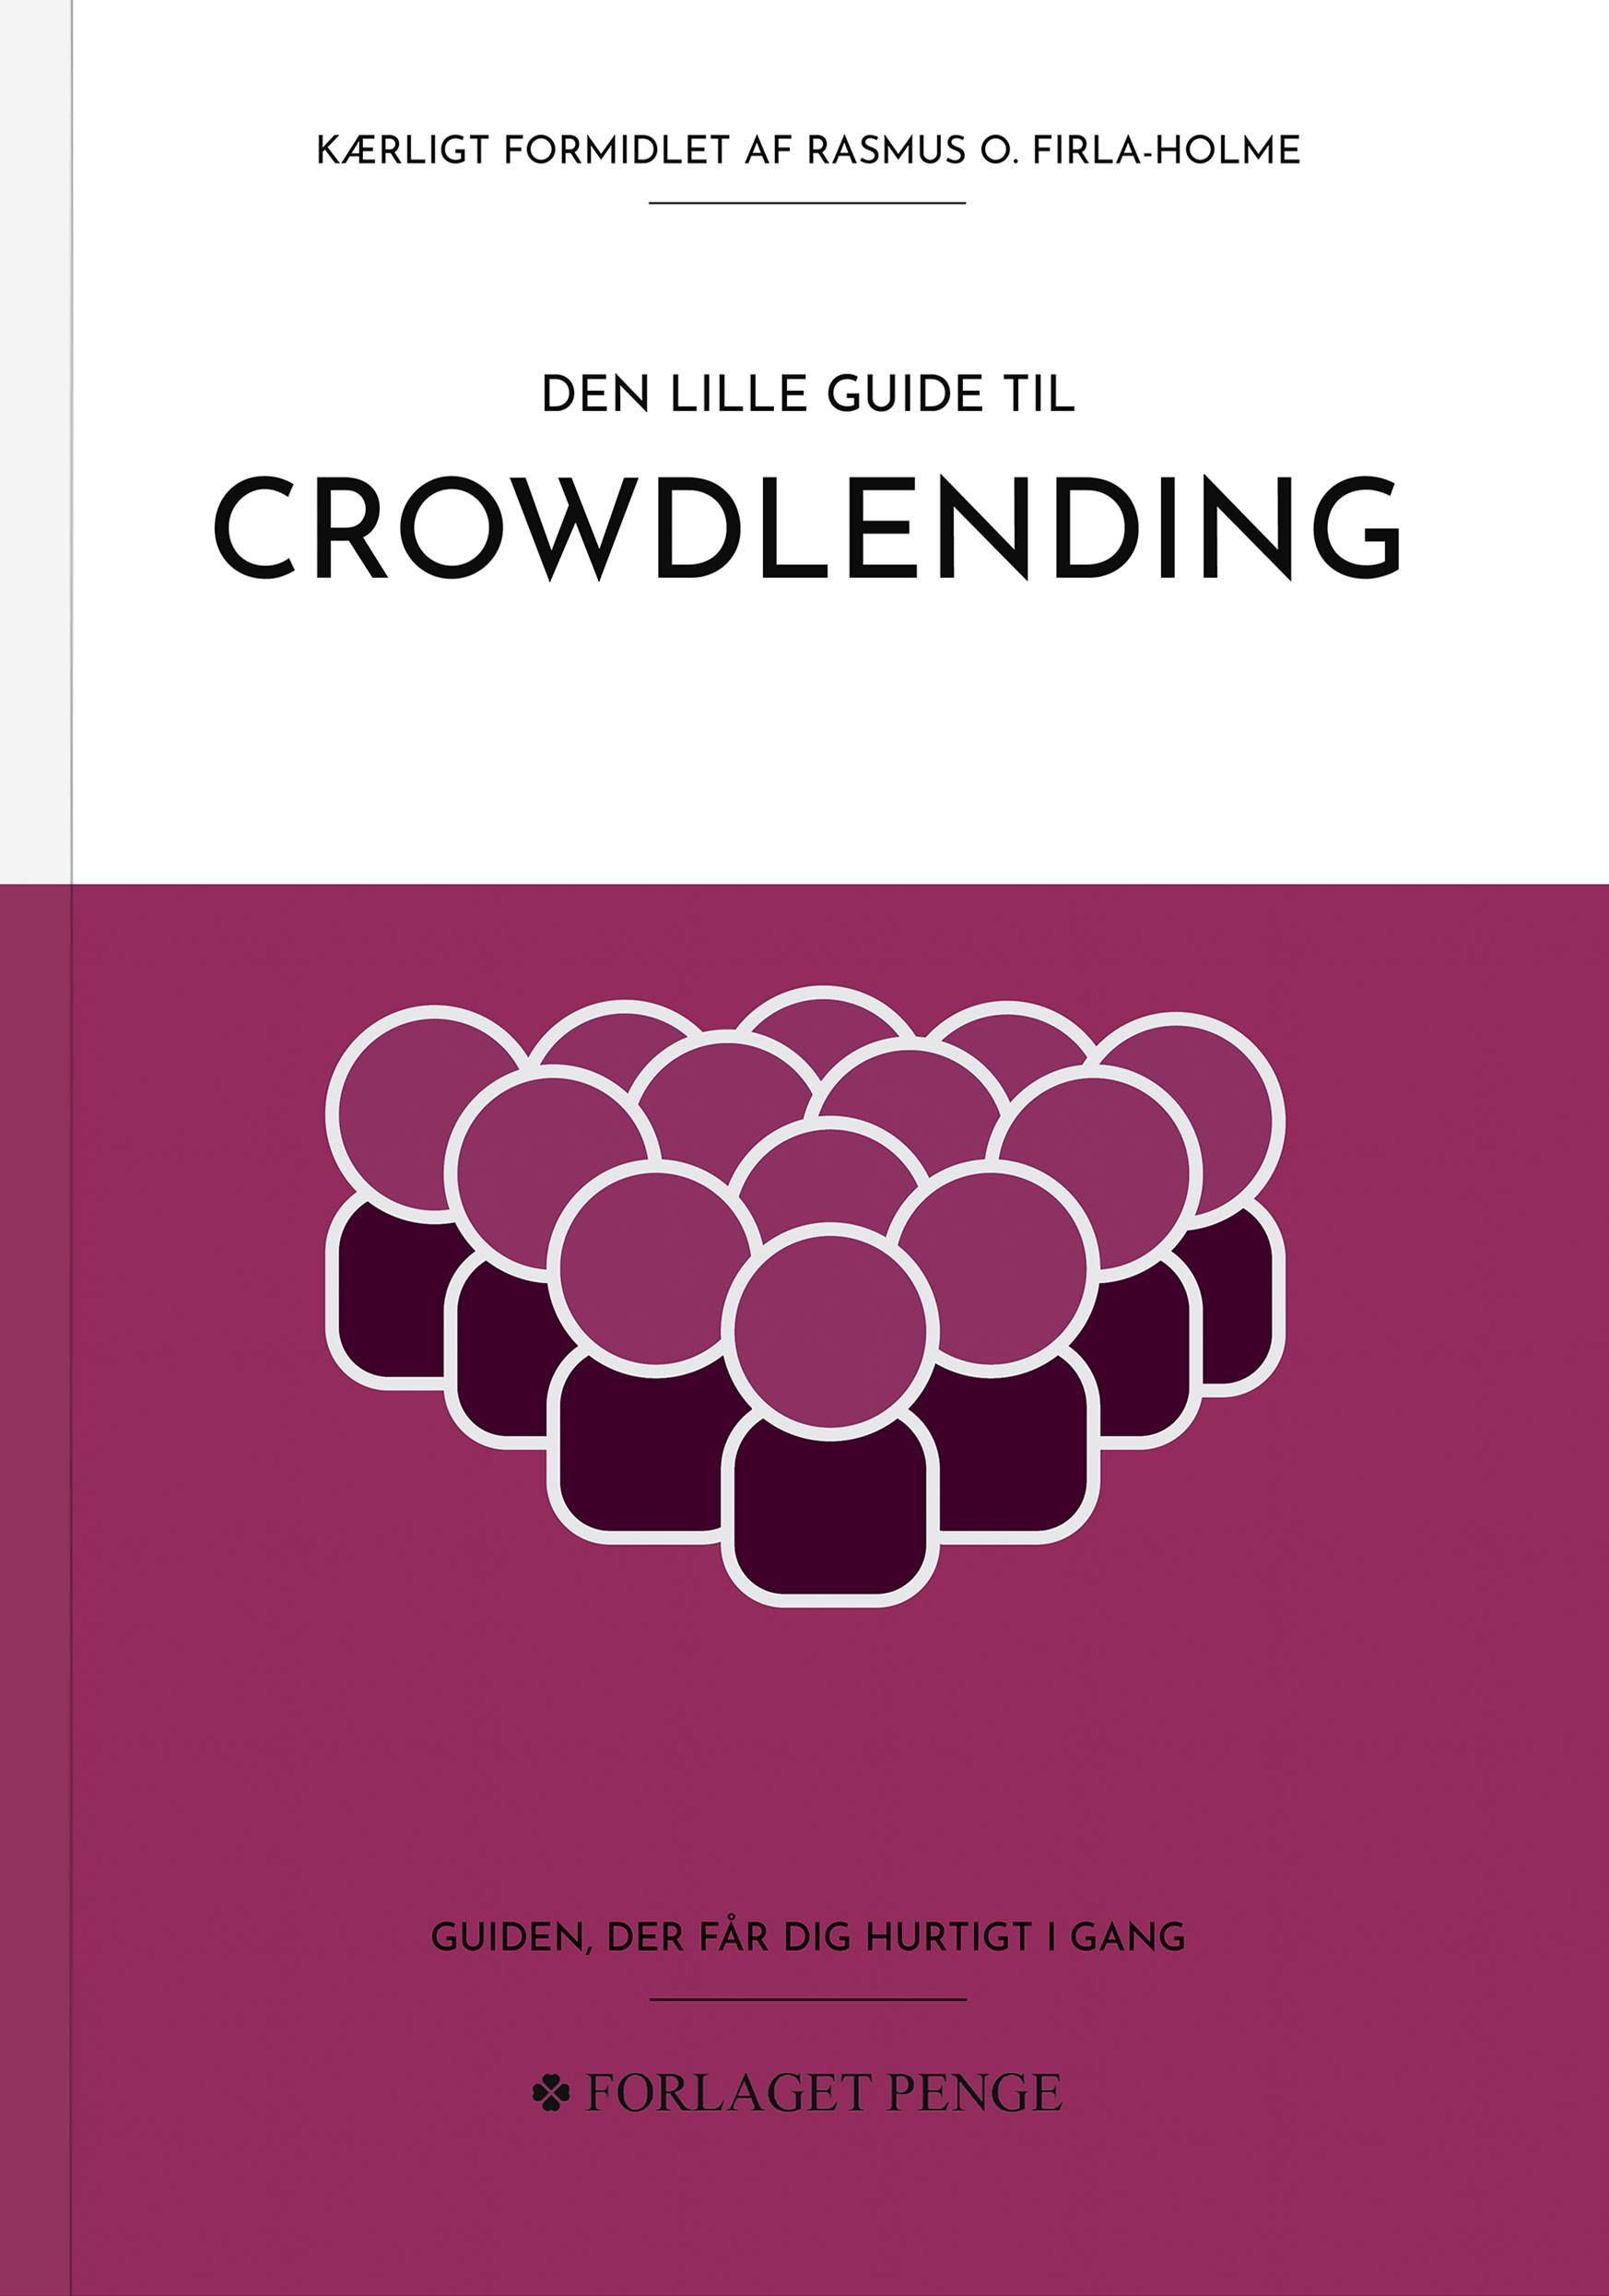 Den Lille Guide til Crowdlending Forside